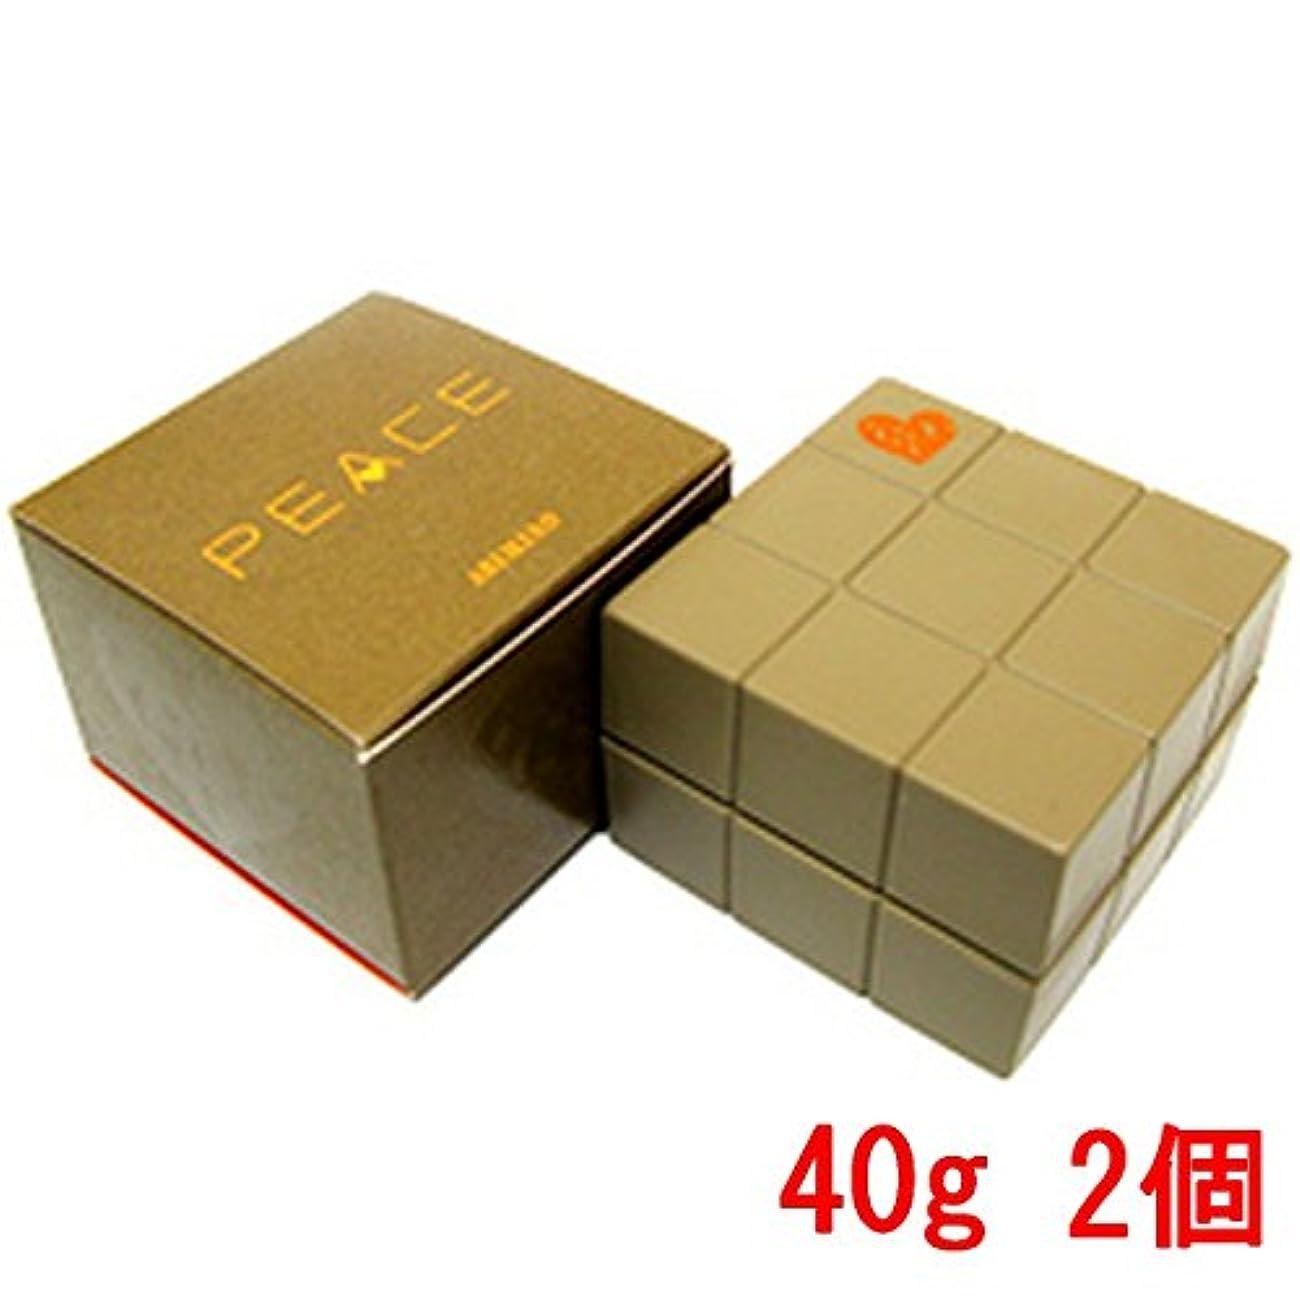 しわ破裂優雅なアリミノ ピース プロデザイン ソフトワックス40g ×2個 セット arimino PEACE